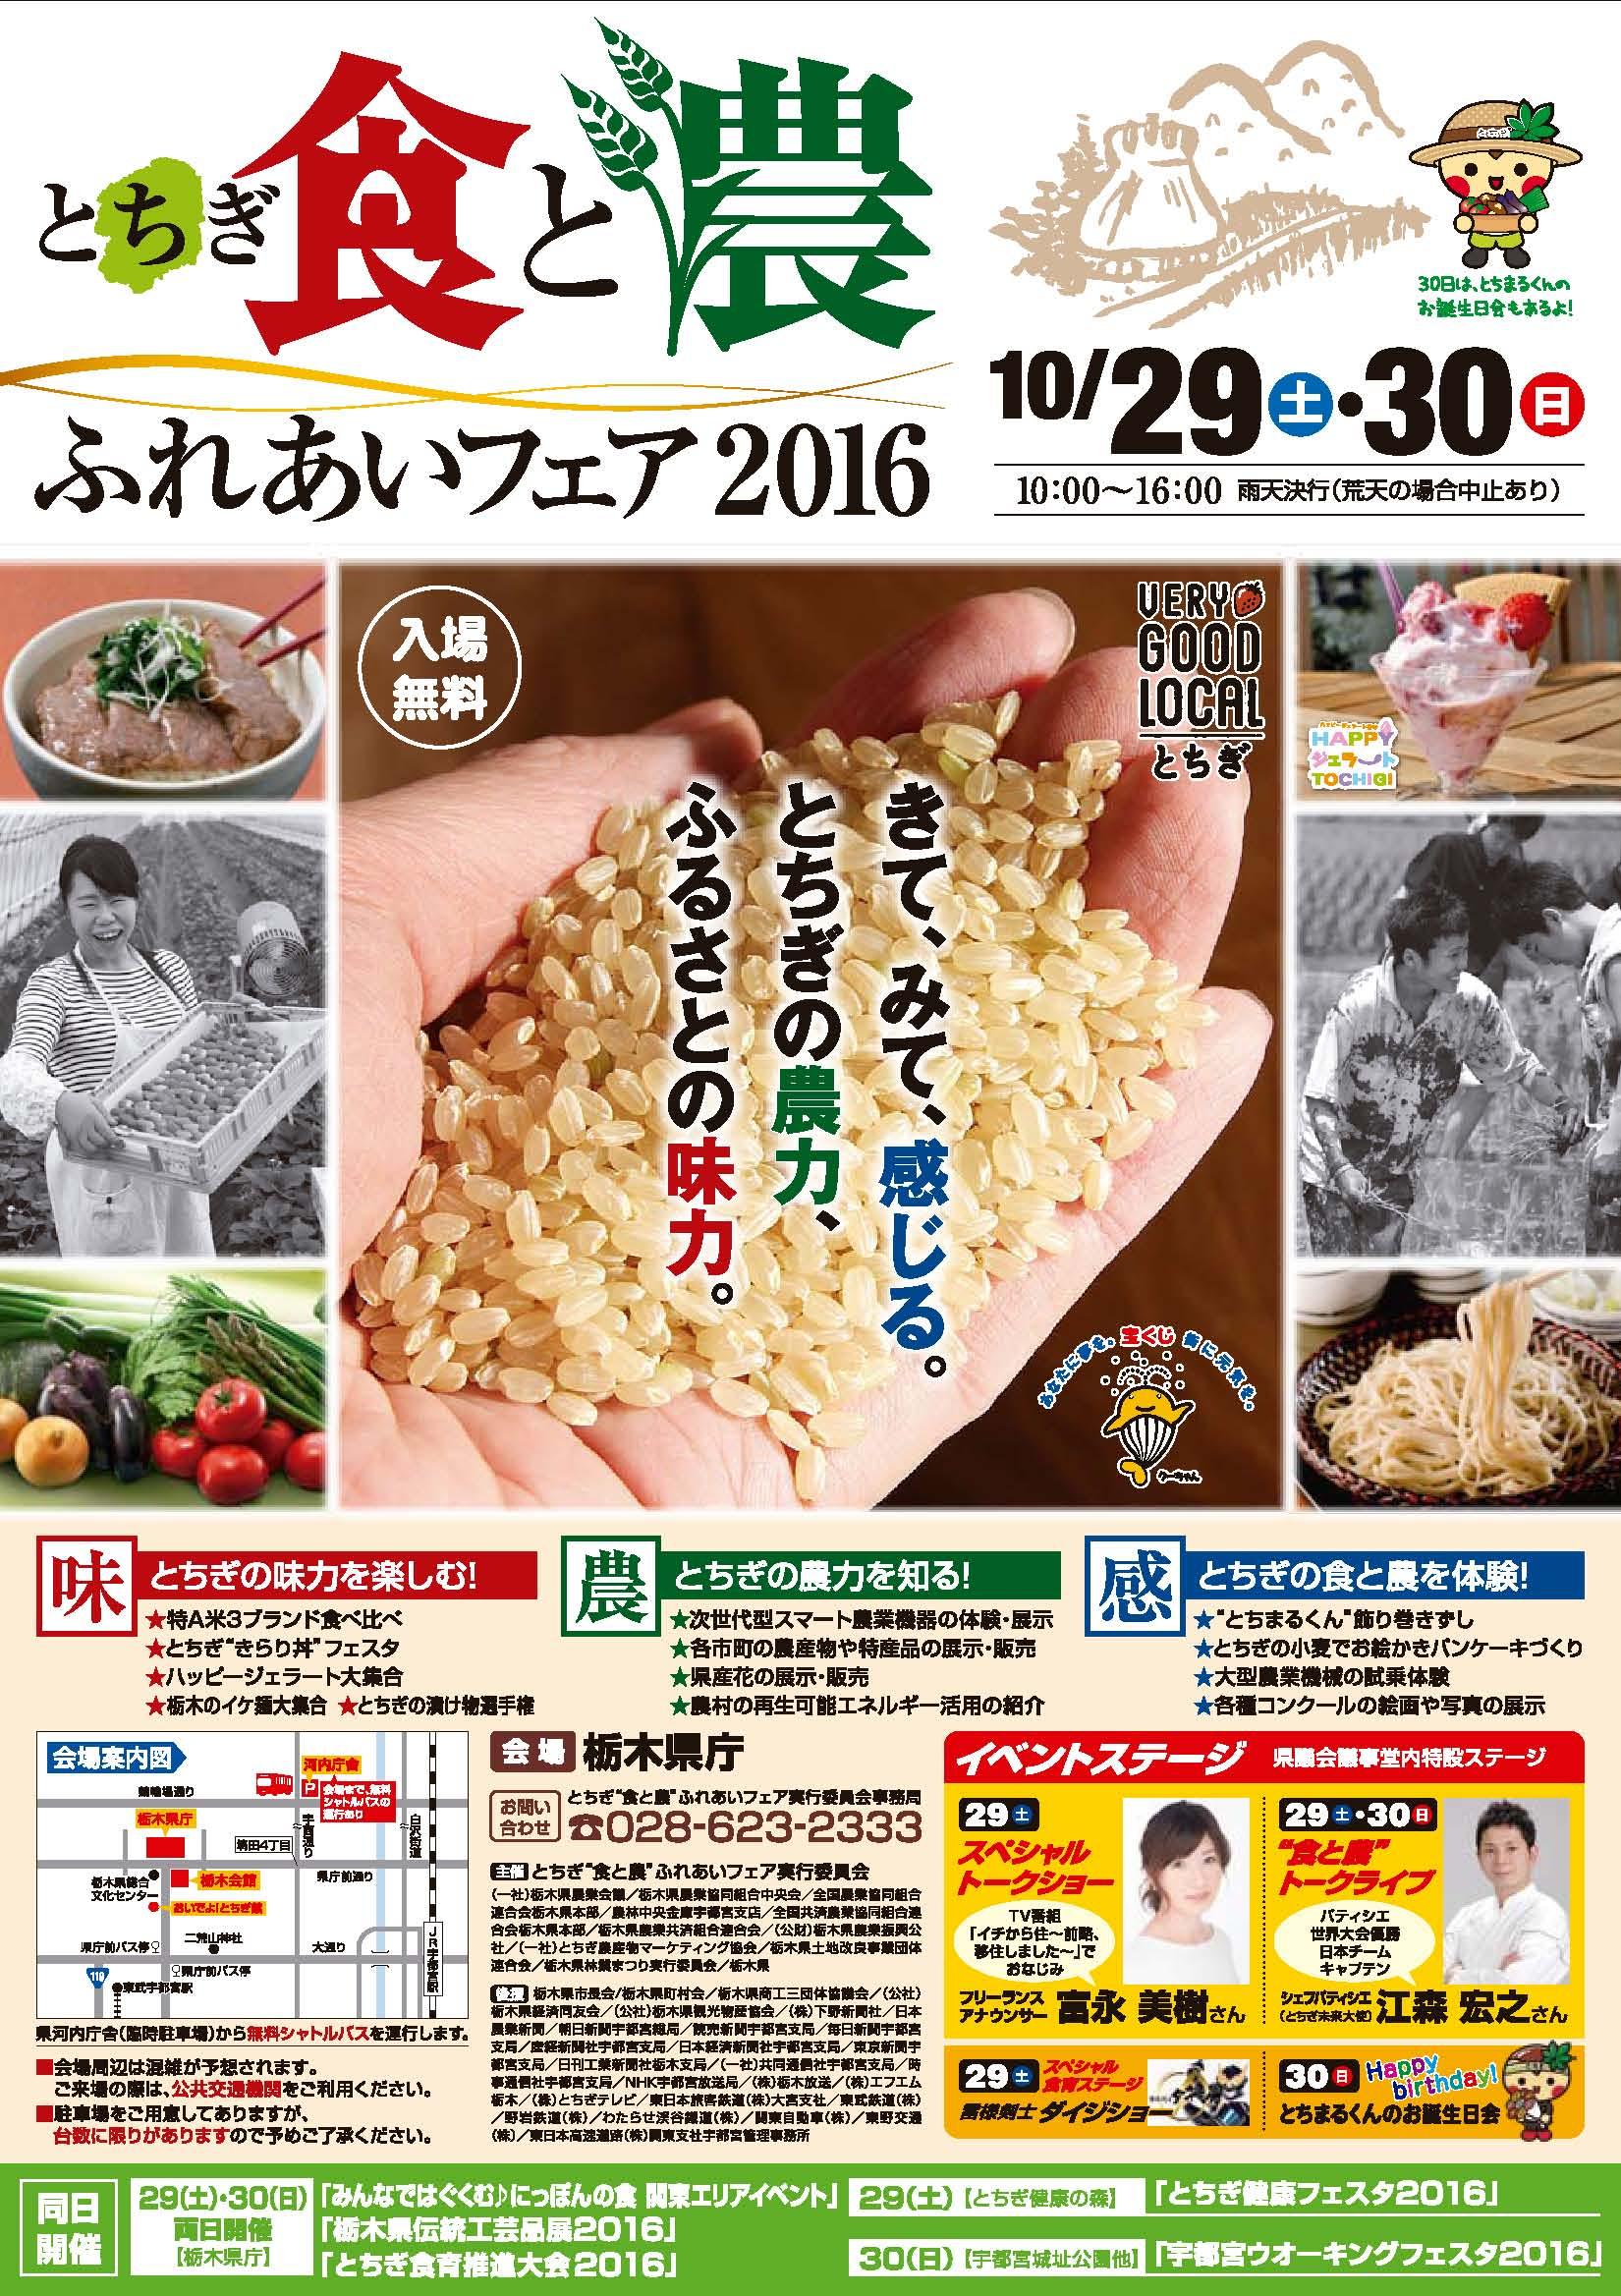 """【宇都宮】とちぎ""""食と農""""ふれあいフェア2016が10月29日と30日に開催されます"""